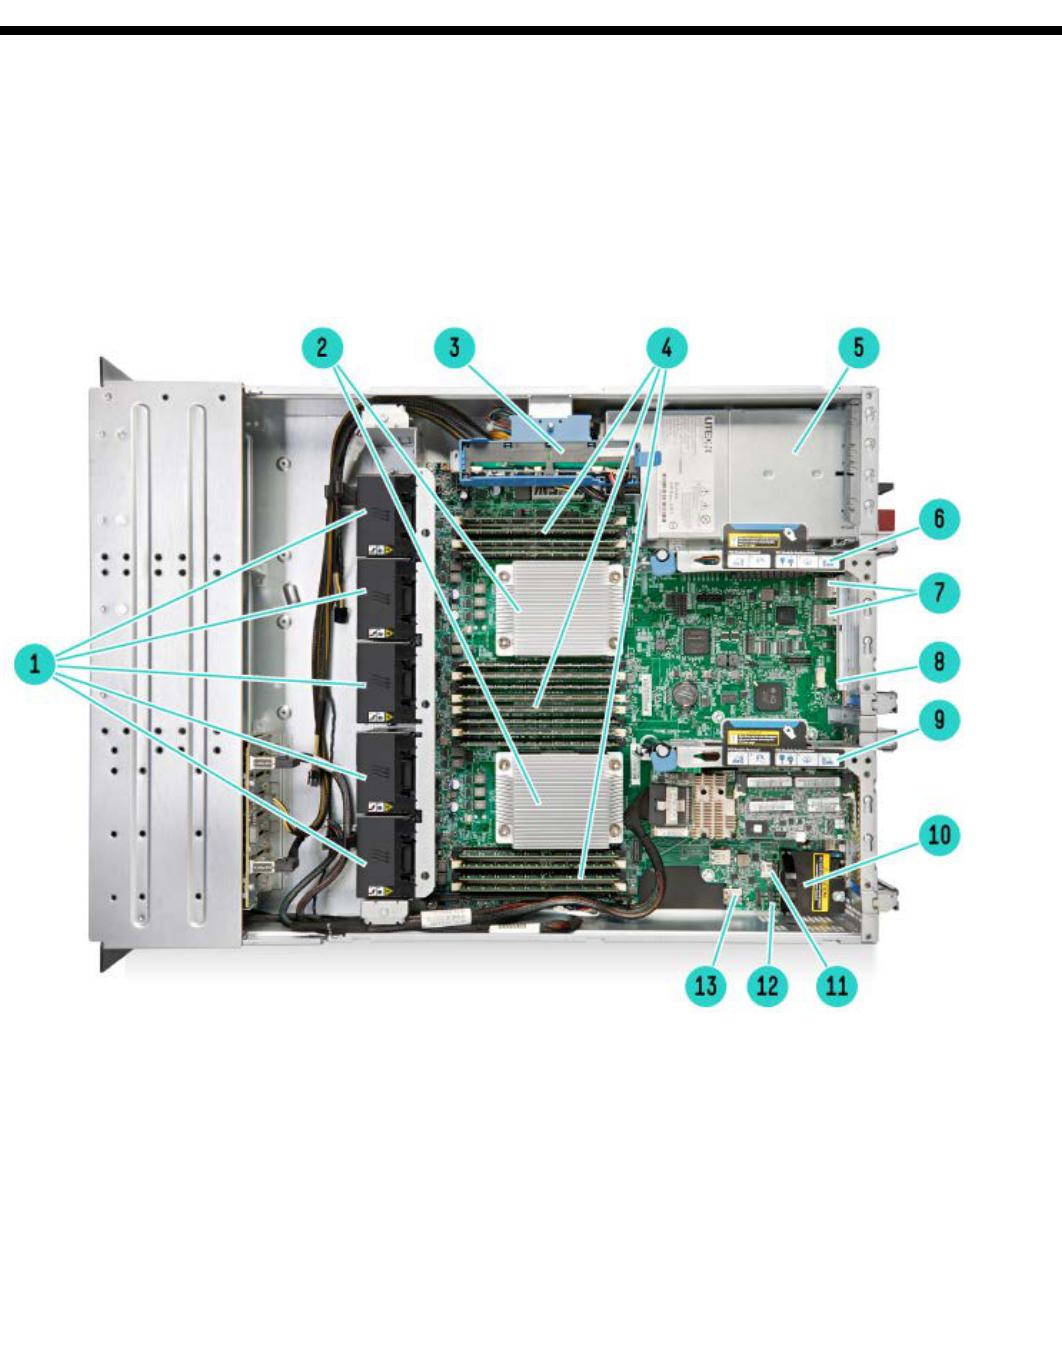 QUAD RANK G9 HP 728629-B21-32GB DDR4-2133 CAS-15-15-15 NEW PULLS